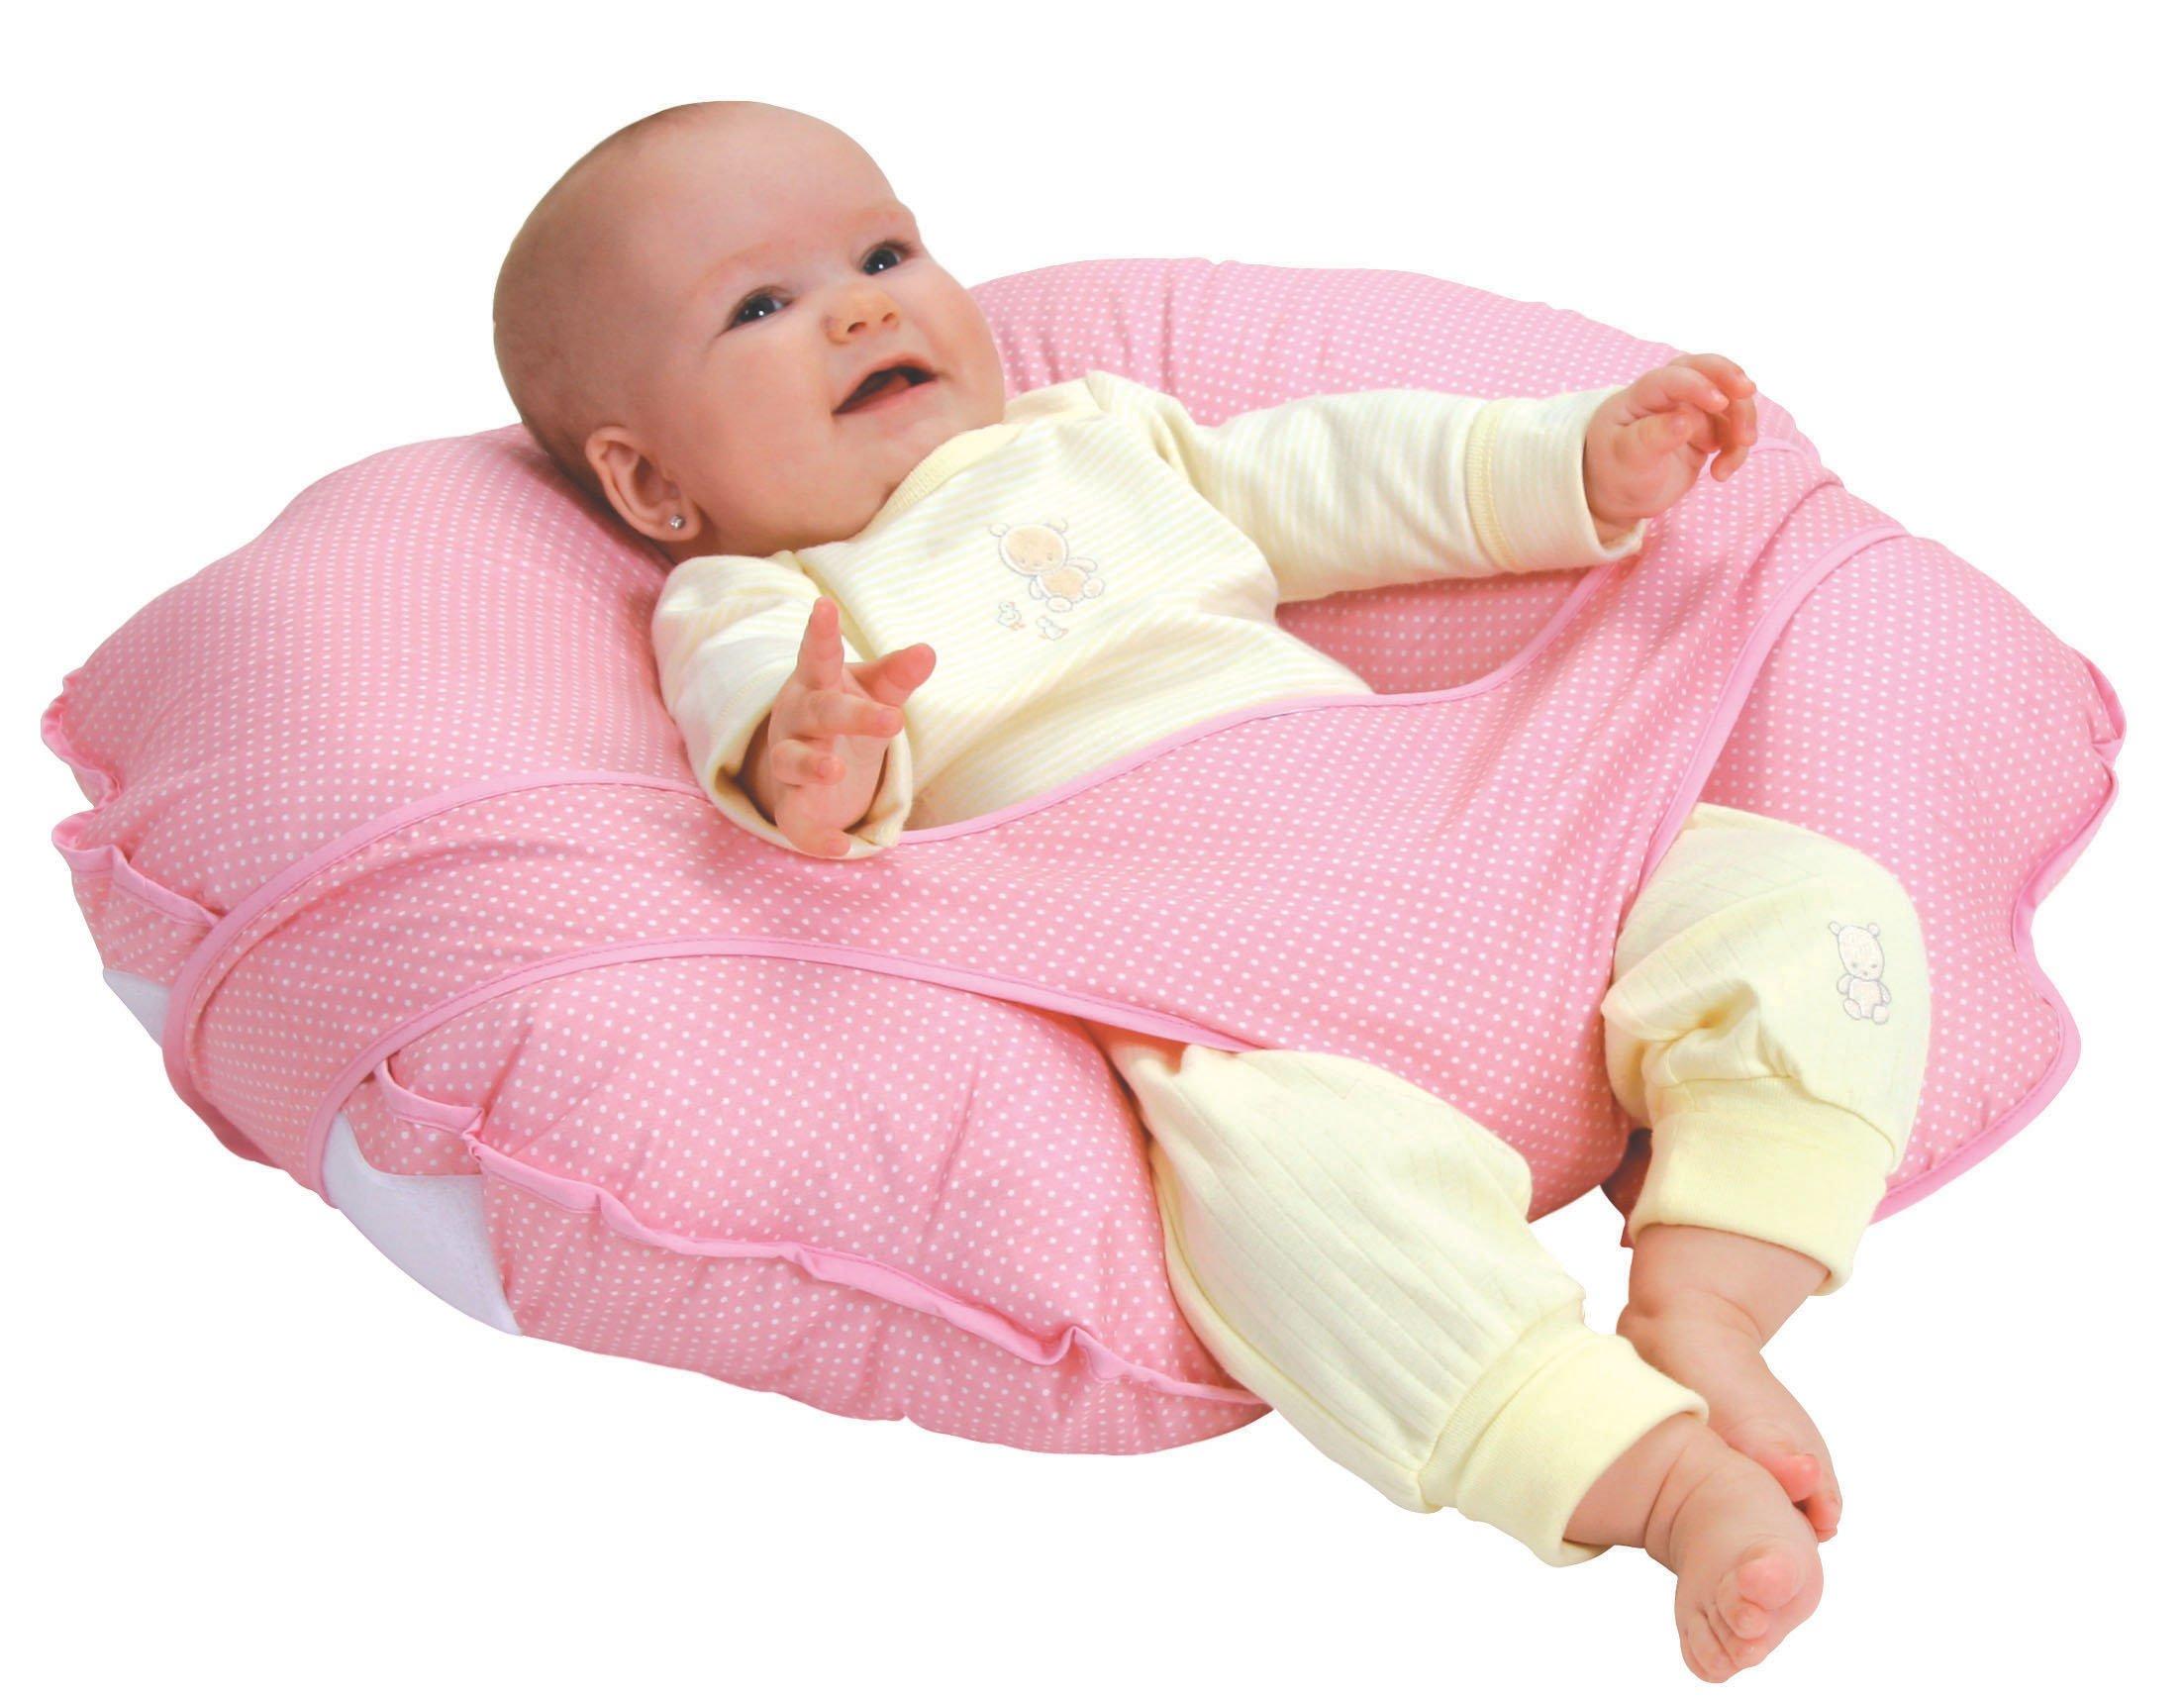 Leachco Cuddle U Basic Nursing Pillow And More Pink Pin